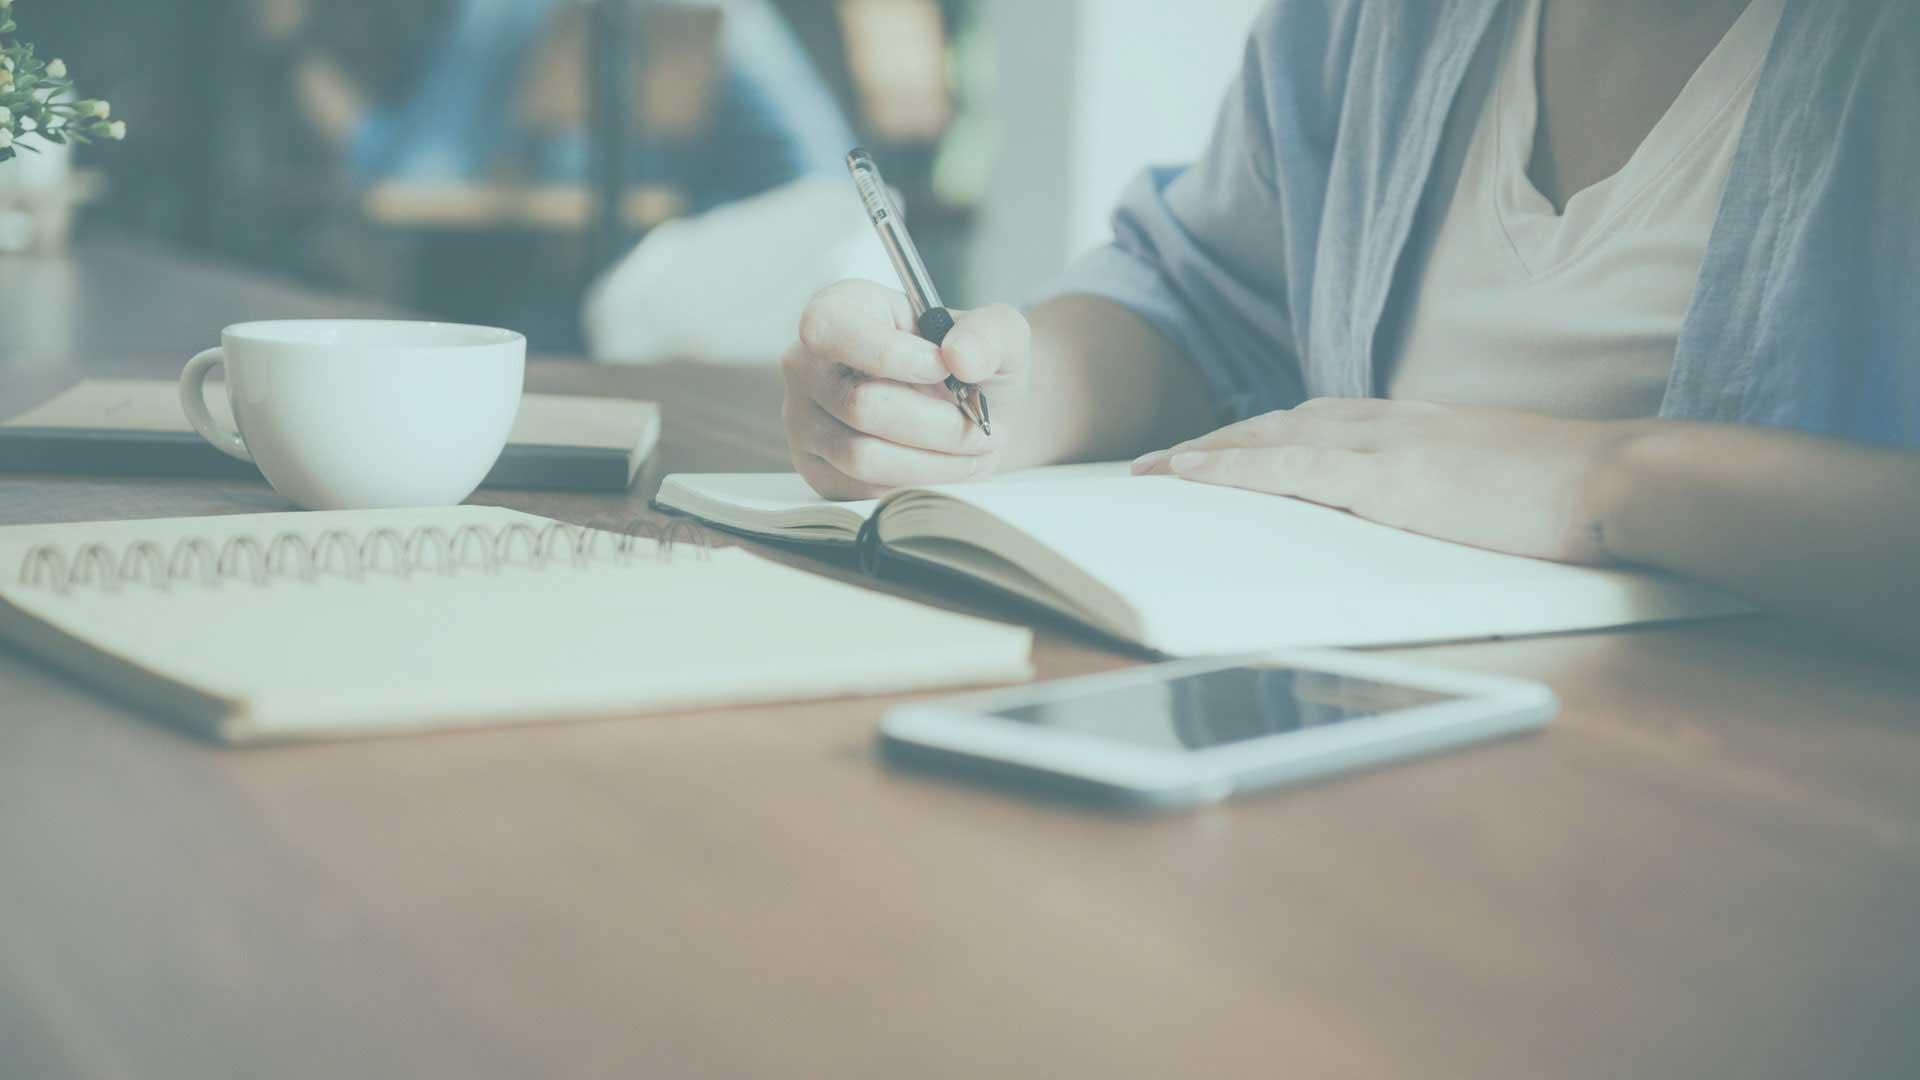 Agencia-de-Webdesign-O-que-voce-deve-saber-antes-de-contratar-e-como-avaliar--